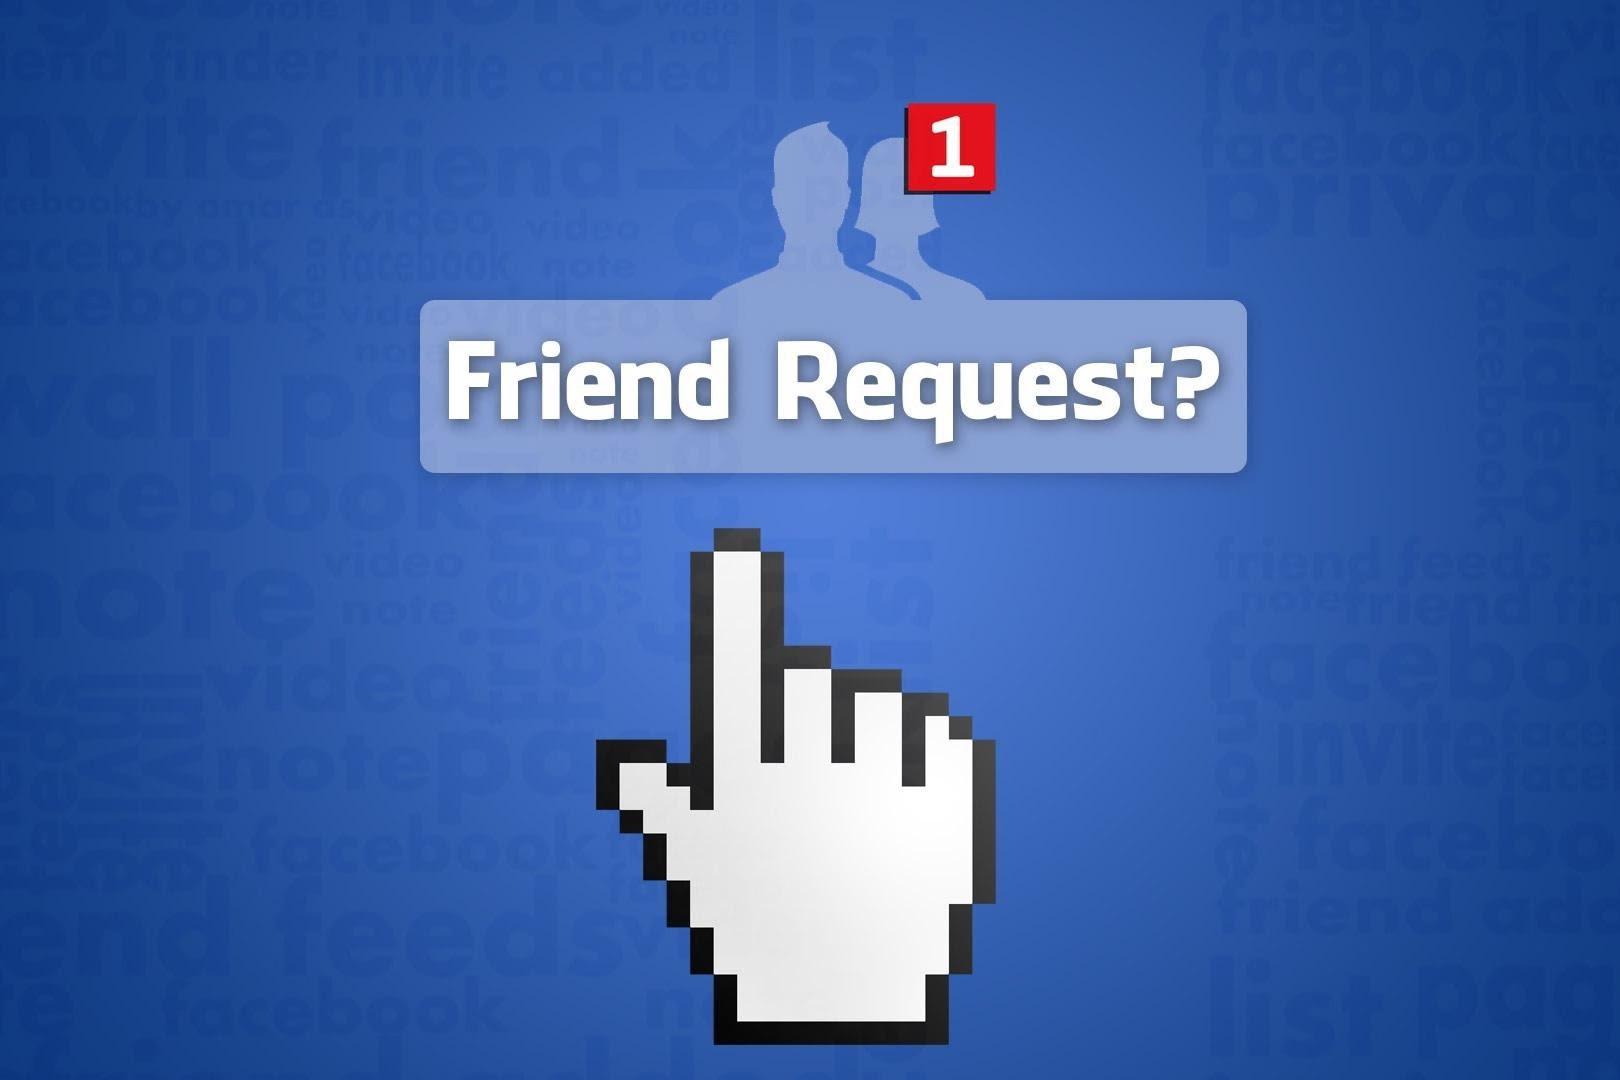 طريقة الغاء إستقبال طلبات الصداقة نهائياً على فيسبوك 25